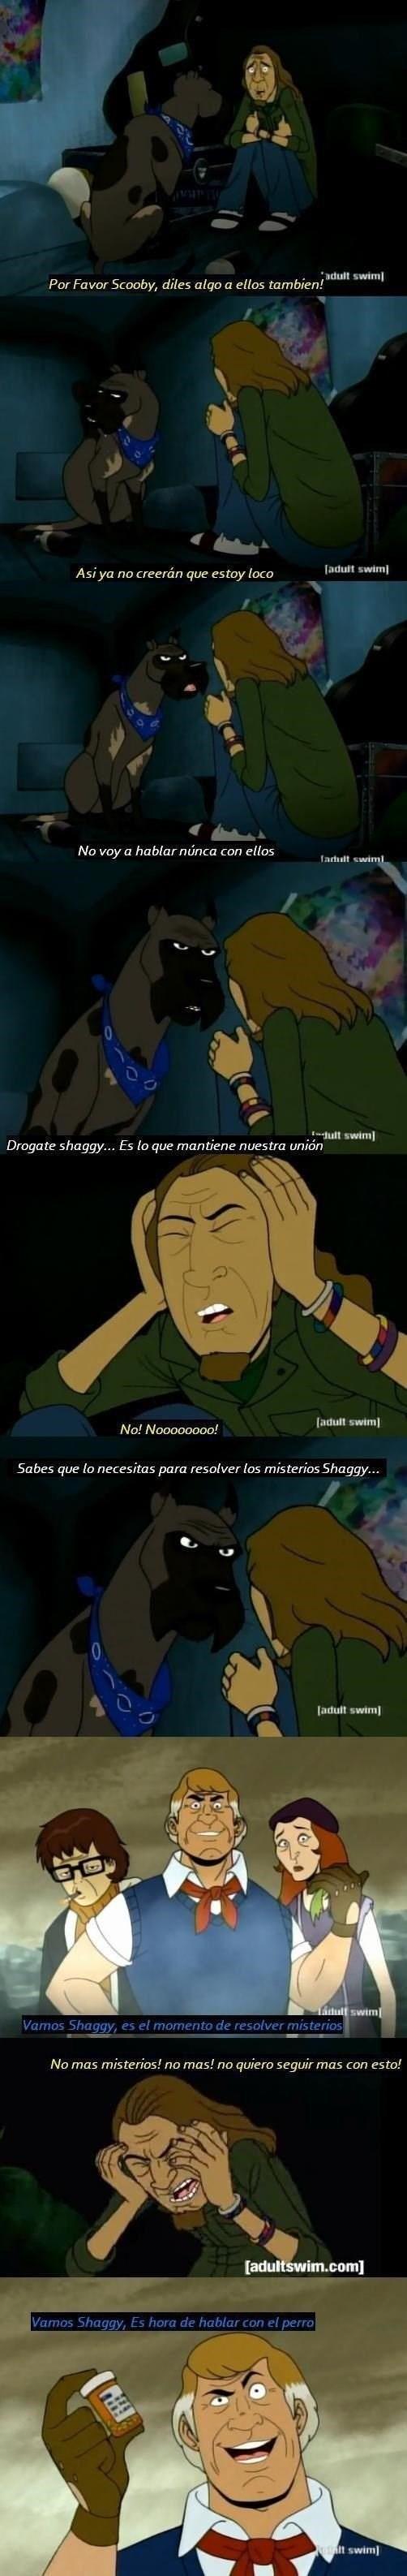 una historia muy aterradora de Scooby Doo